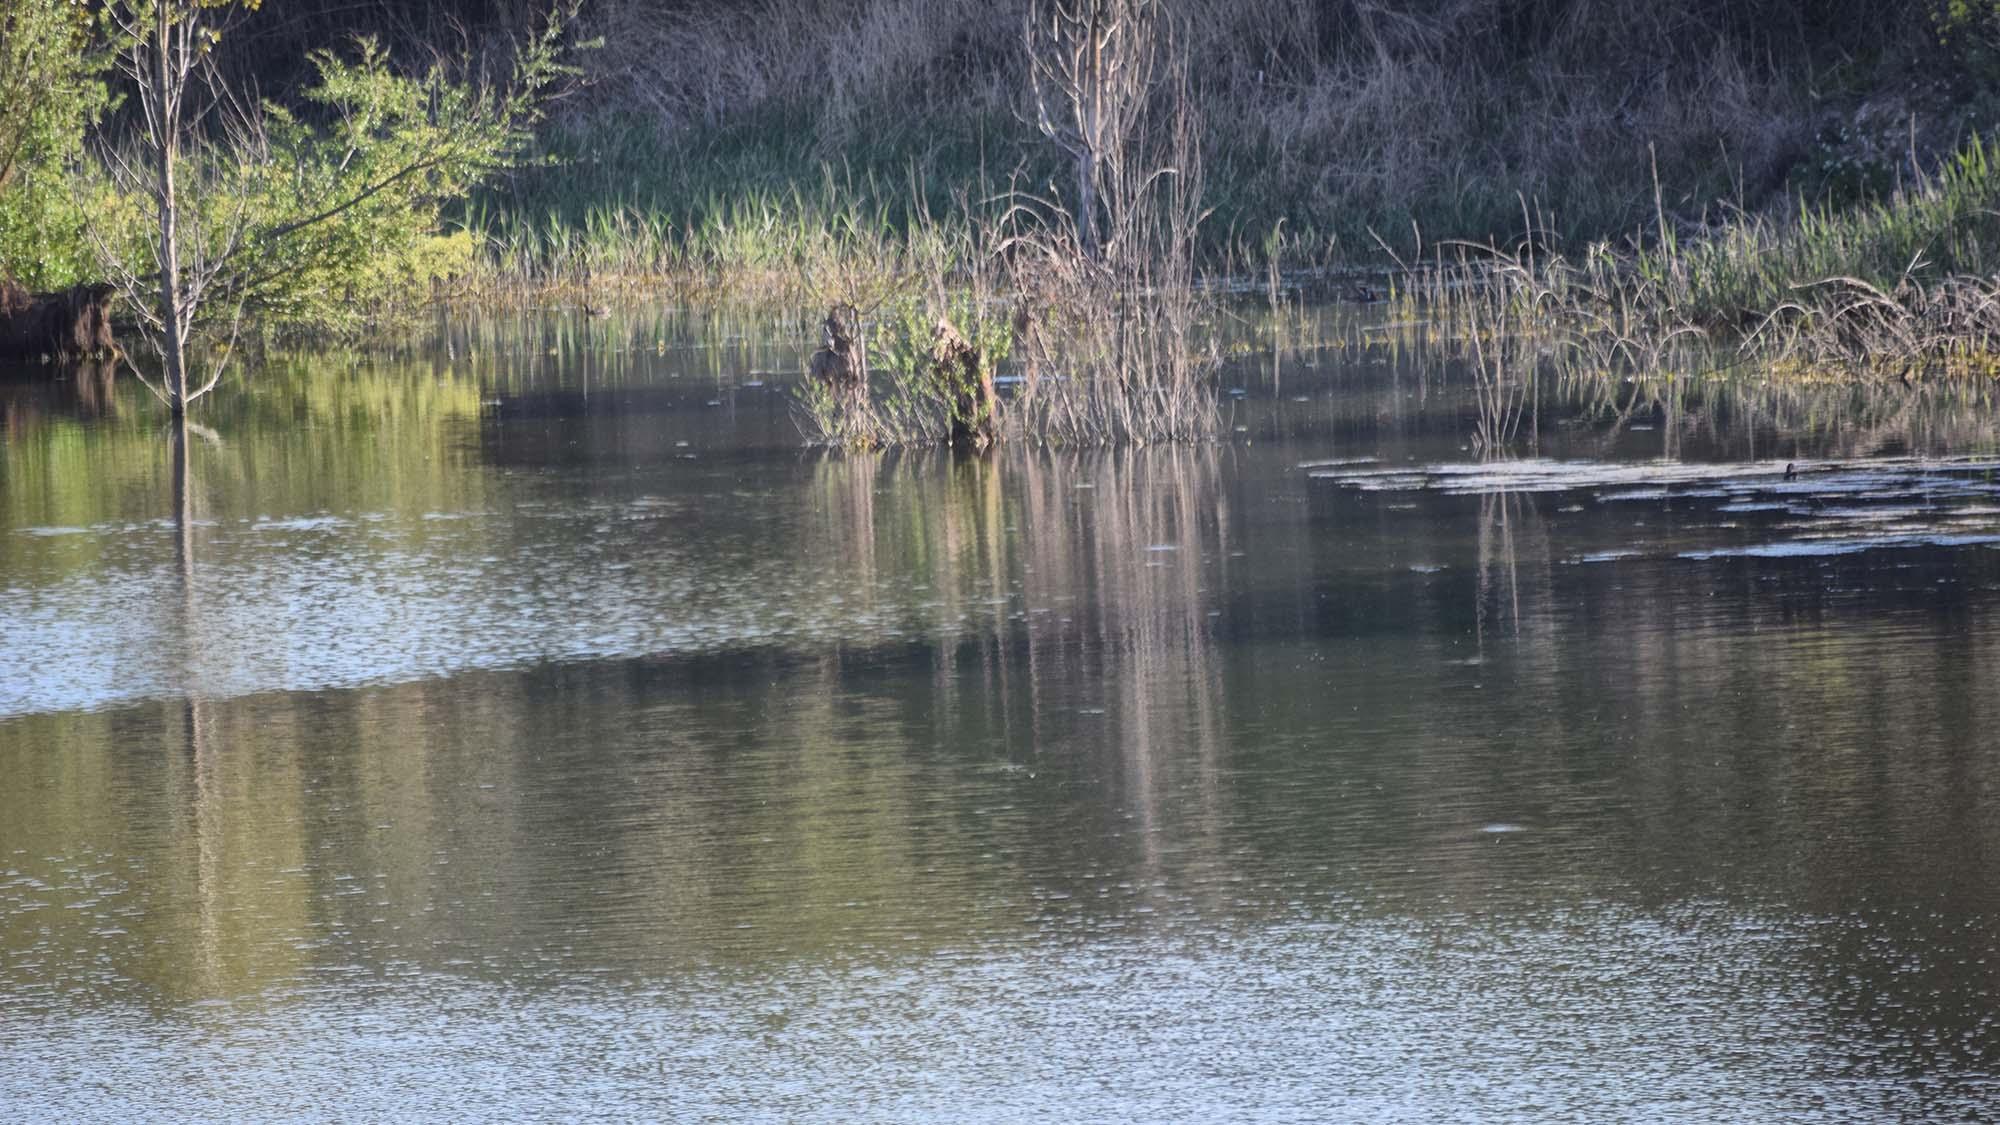 Espai fluvial  Bassa de Palouet